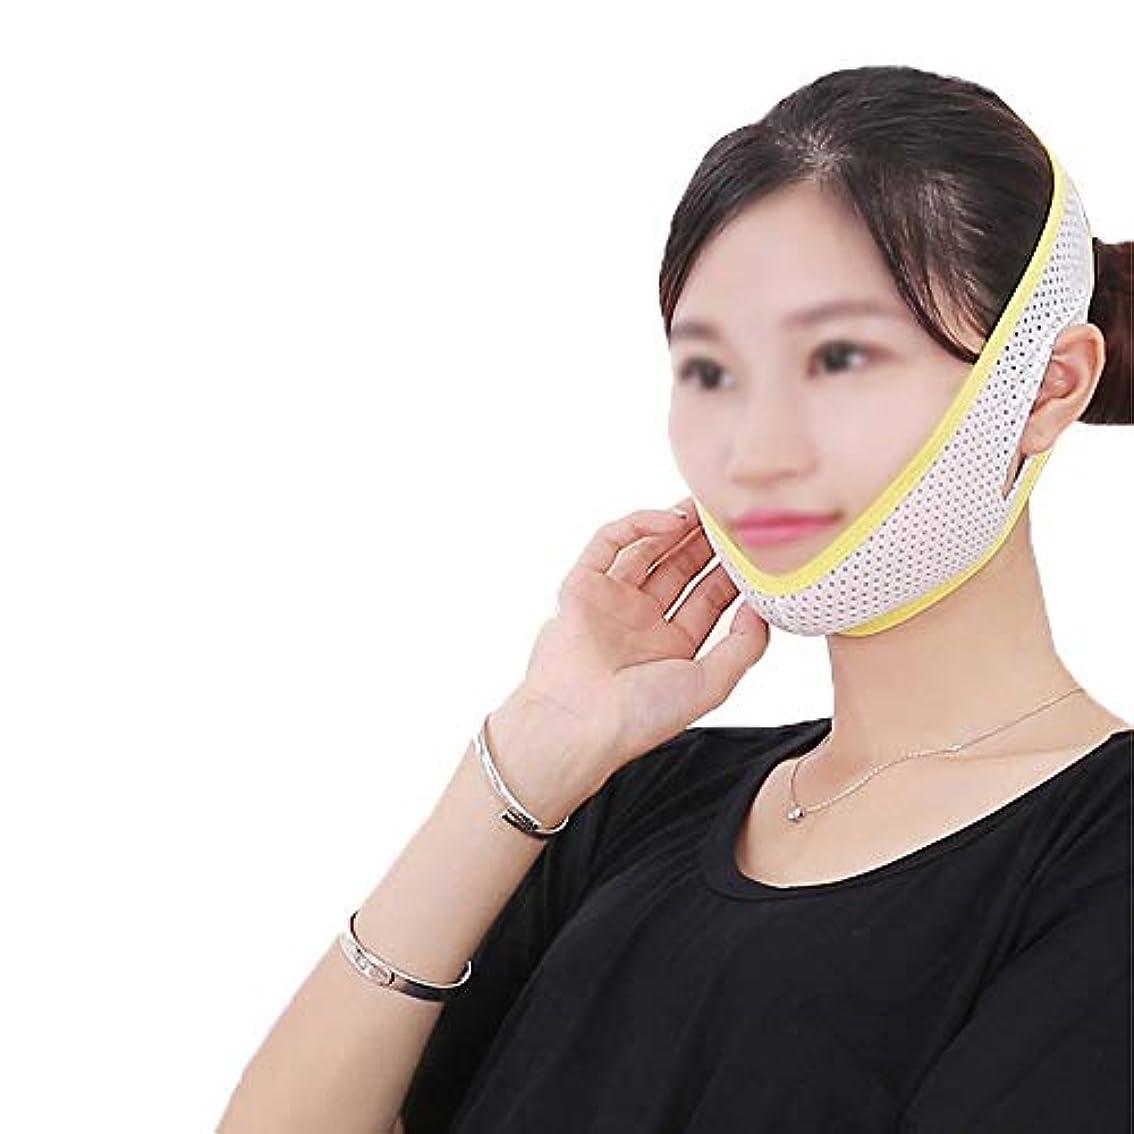 町たとえ錫GLJJQMY 顔と首リフト薄いフェイスマスク強力な薄いフェイスツール締め付け薄いフェイスマスクアーティファクト薄いフェイス包帯薄い顔デバイス 顔用整形マスク (Size : M)